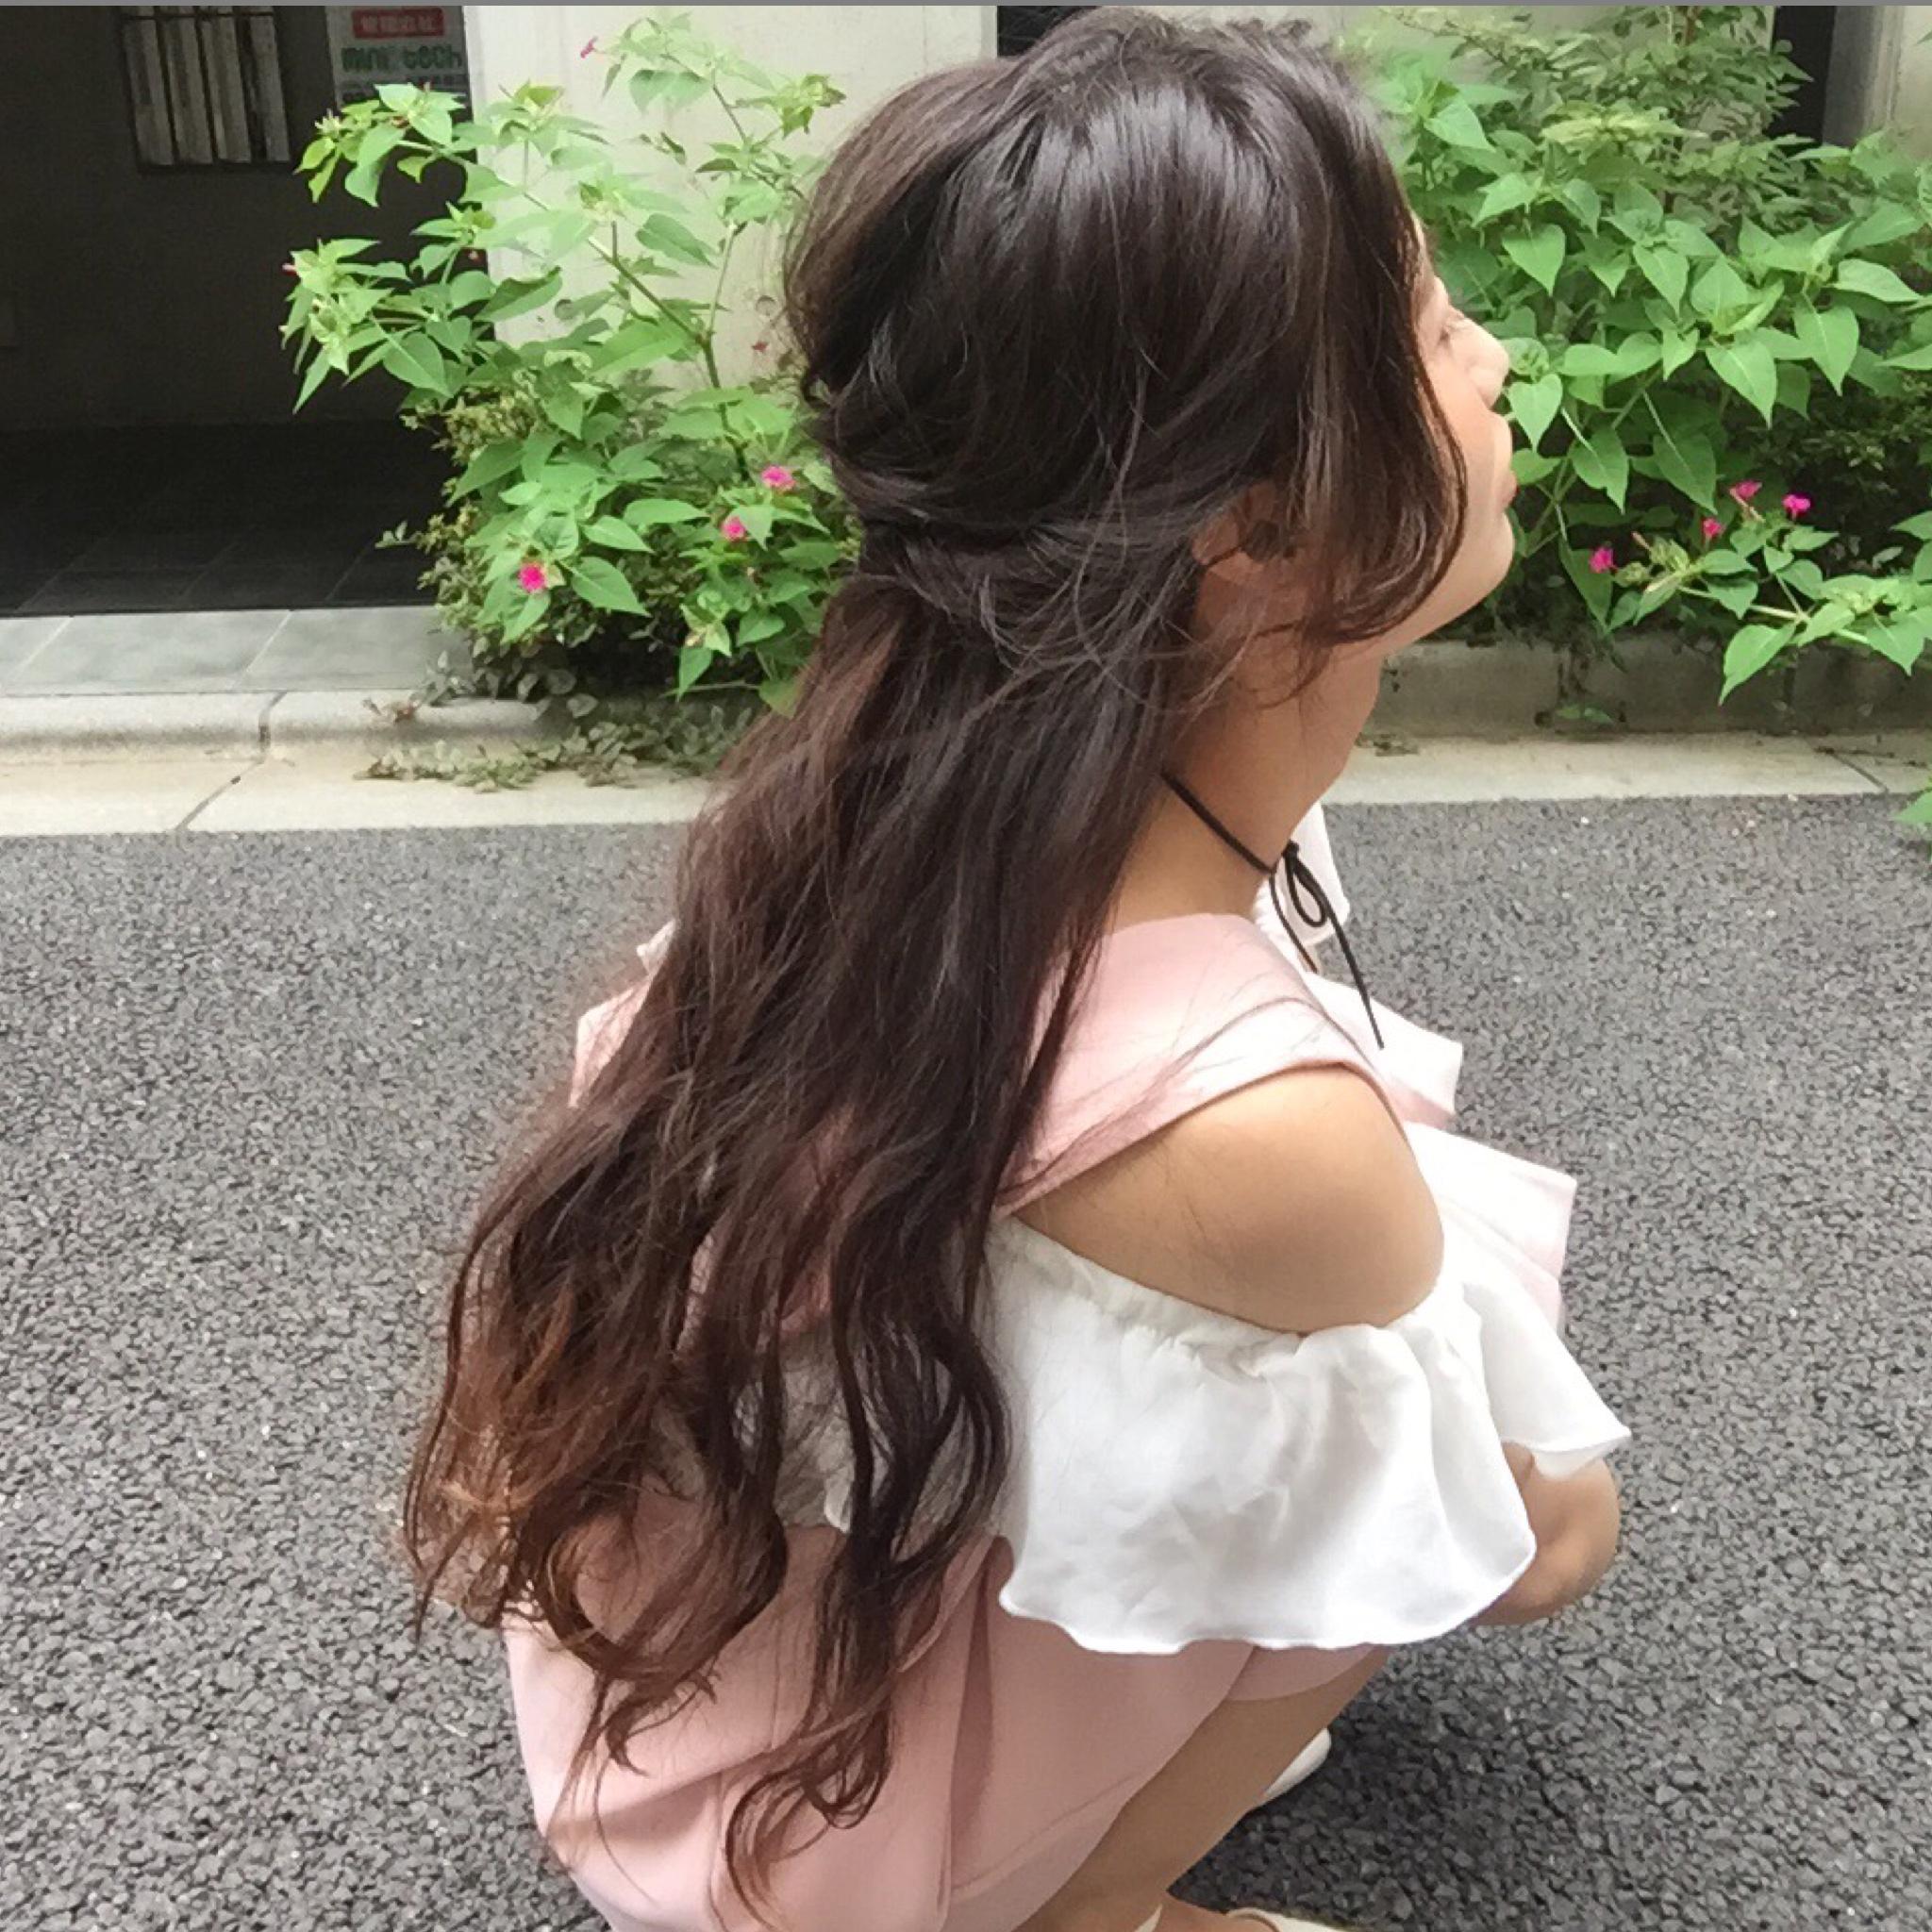 今年の夏はオールインワン、ロンパが可愛い♡ベビーピンクとオフショルで色付けスタイリング♡#代々木公園